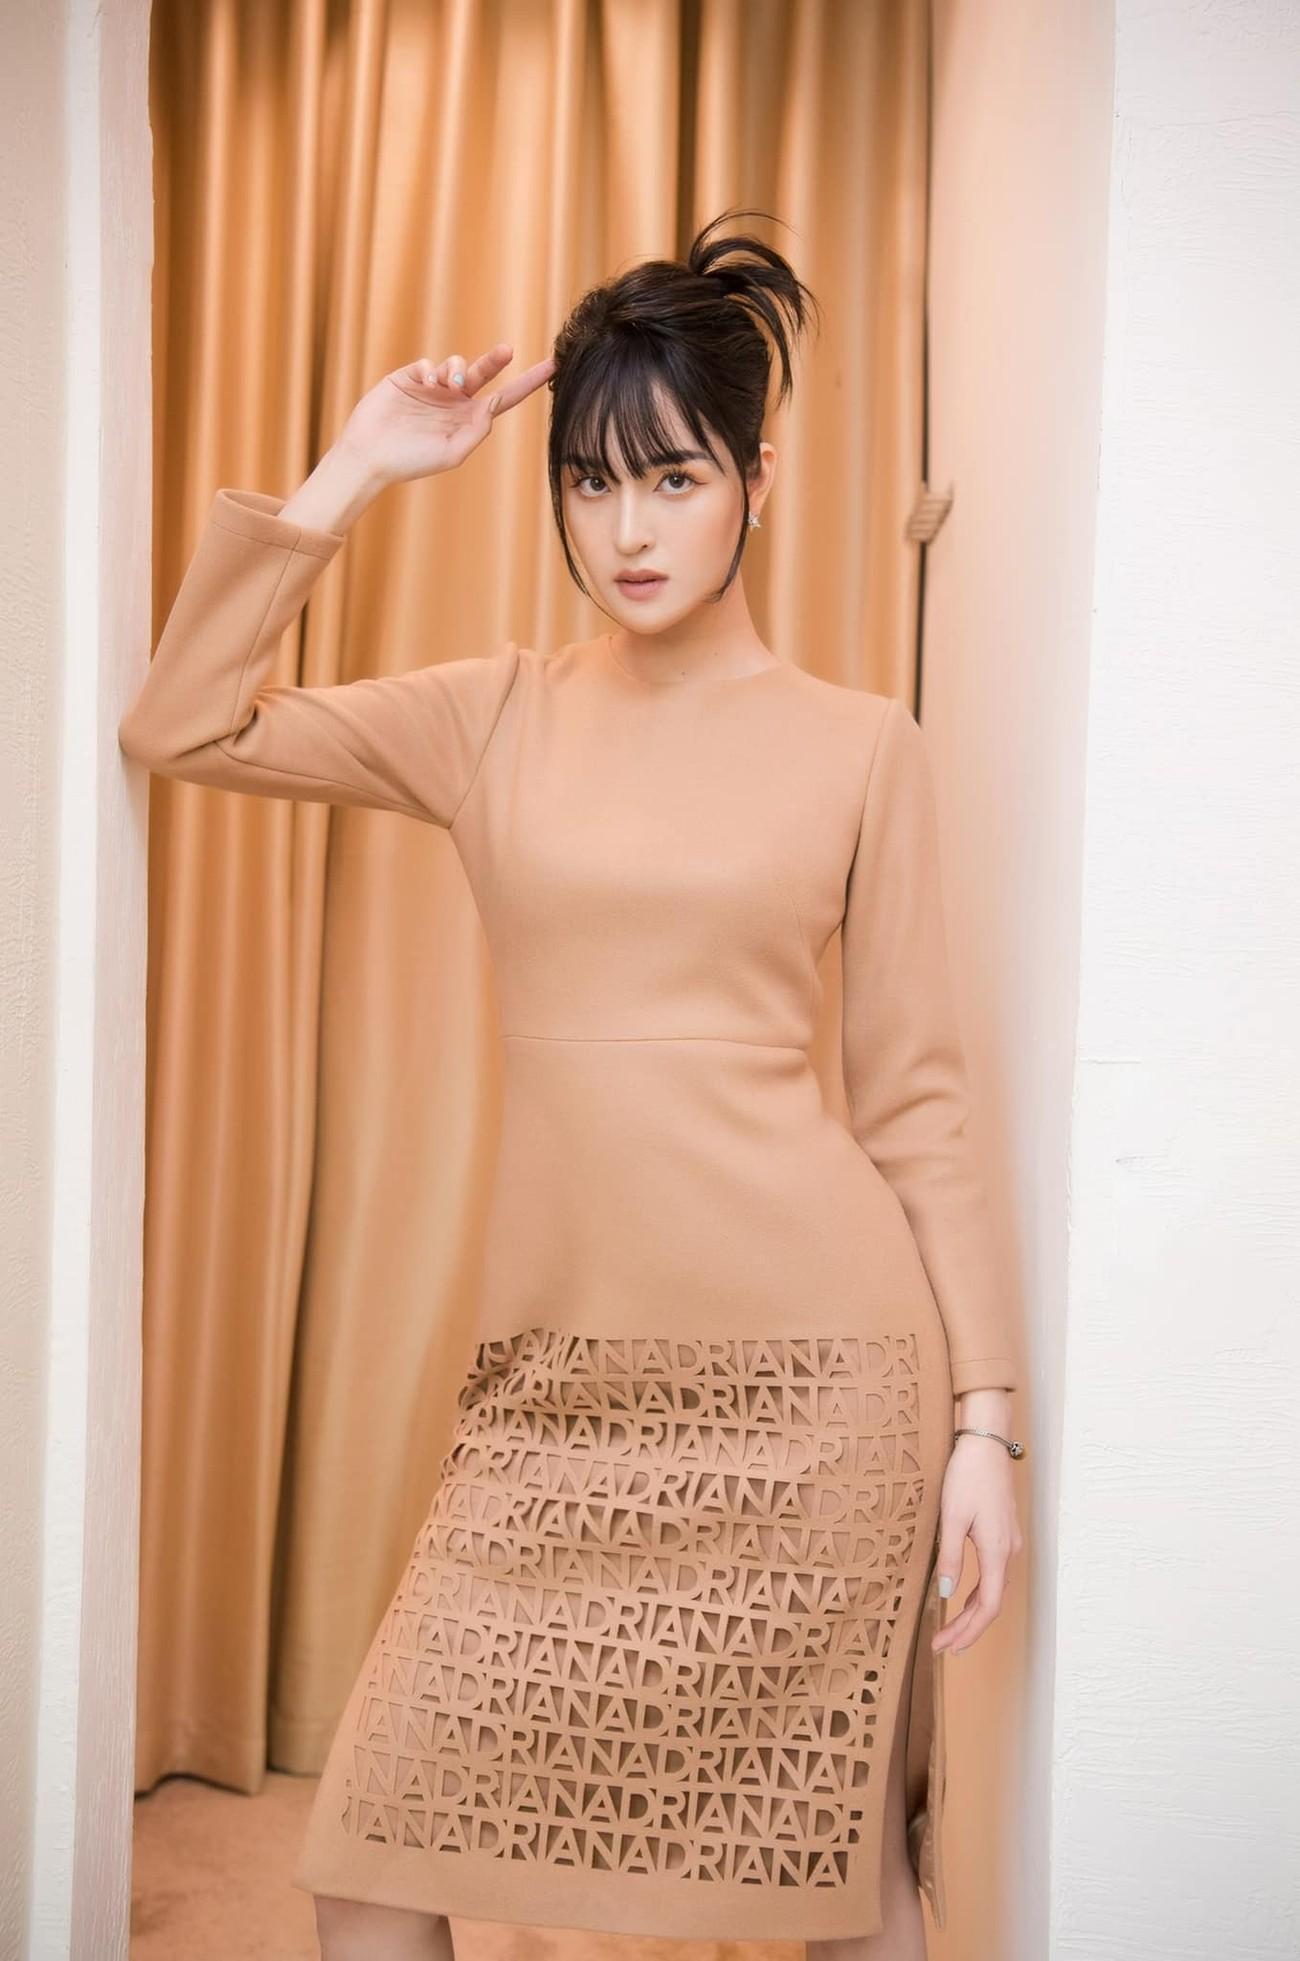 Hoa hậu Đỗ Thị Hà để mặt mộc vẫn đẹp rạng rỡ, H'hen Niê hoá 'nàng Xuân' với áo tứ thân ảnh 10